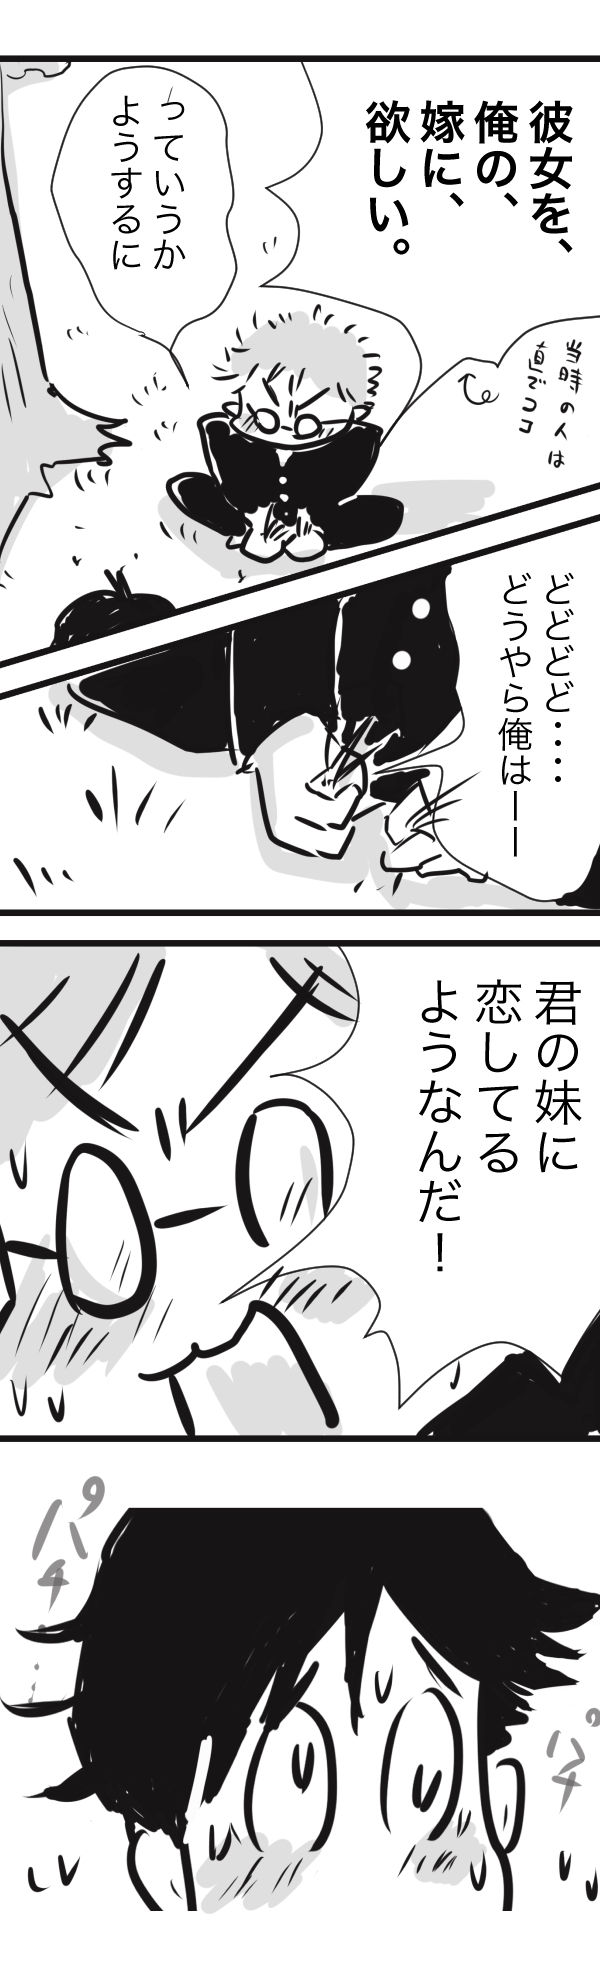 金沢9初恋−3−4